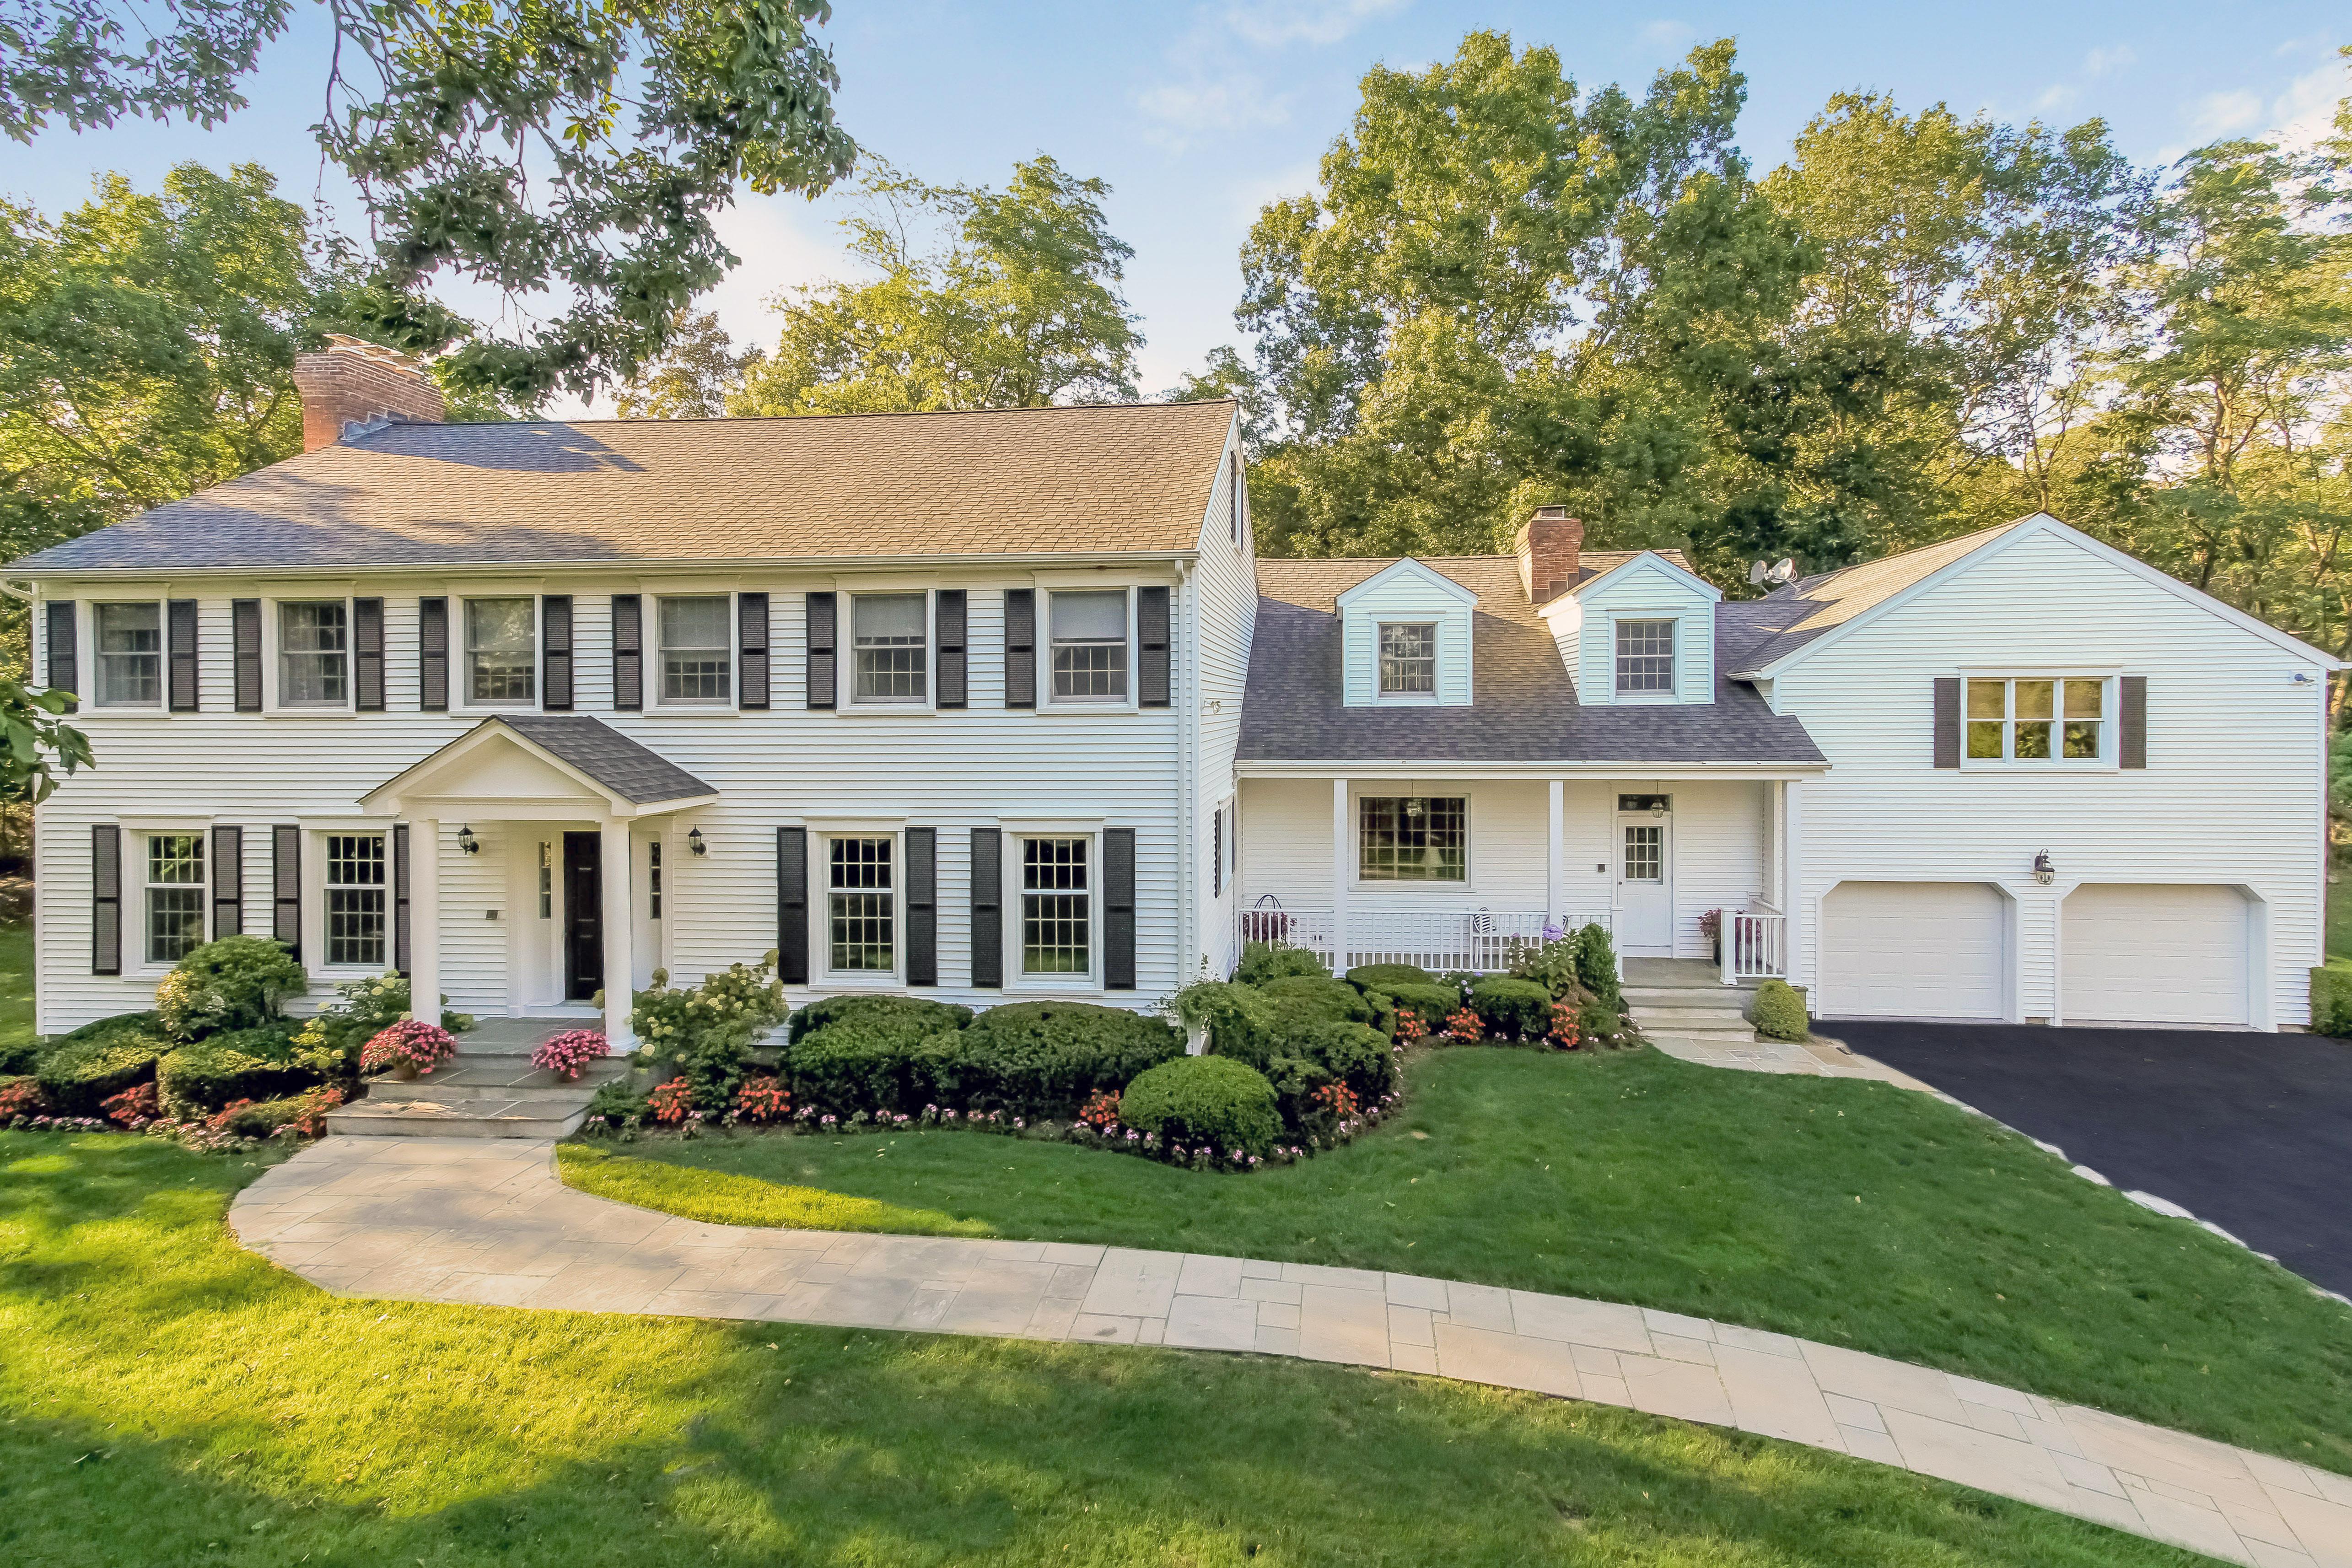 独户住宅 为 销售 在 360 West Street 哈里森, 纽约州, 10528 美国